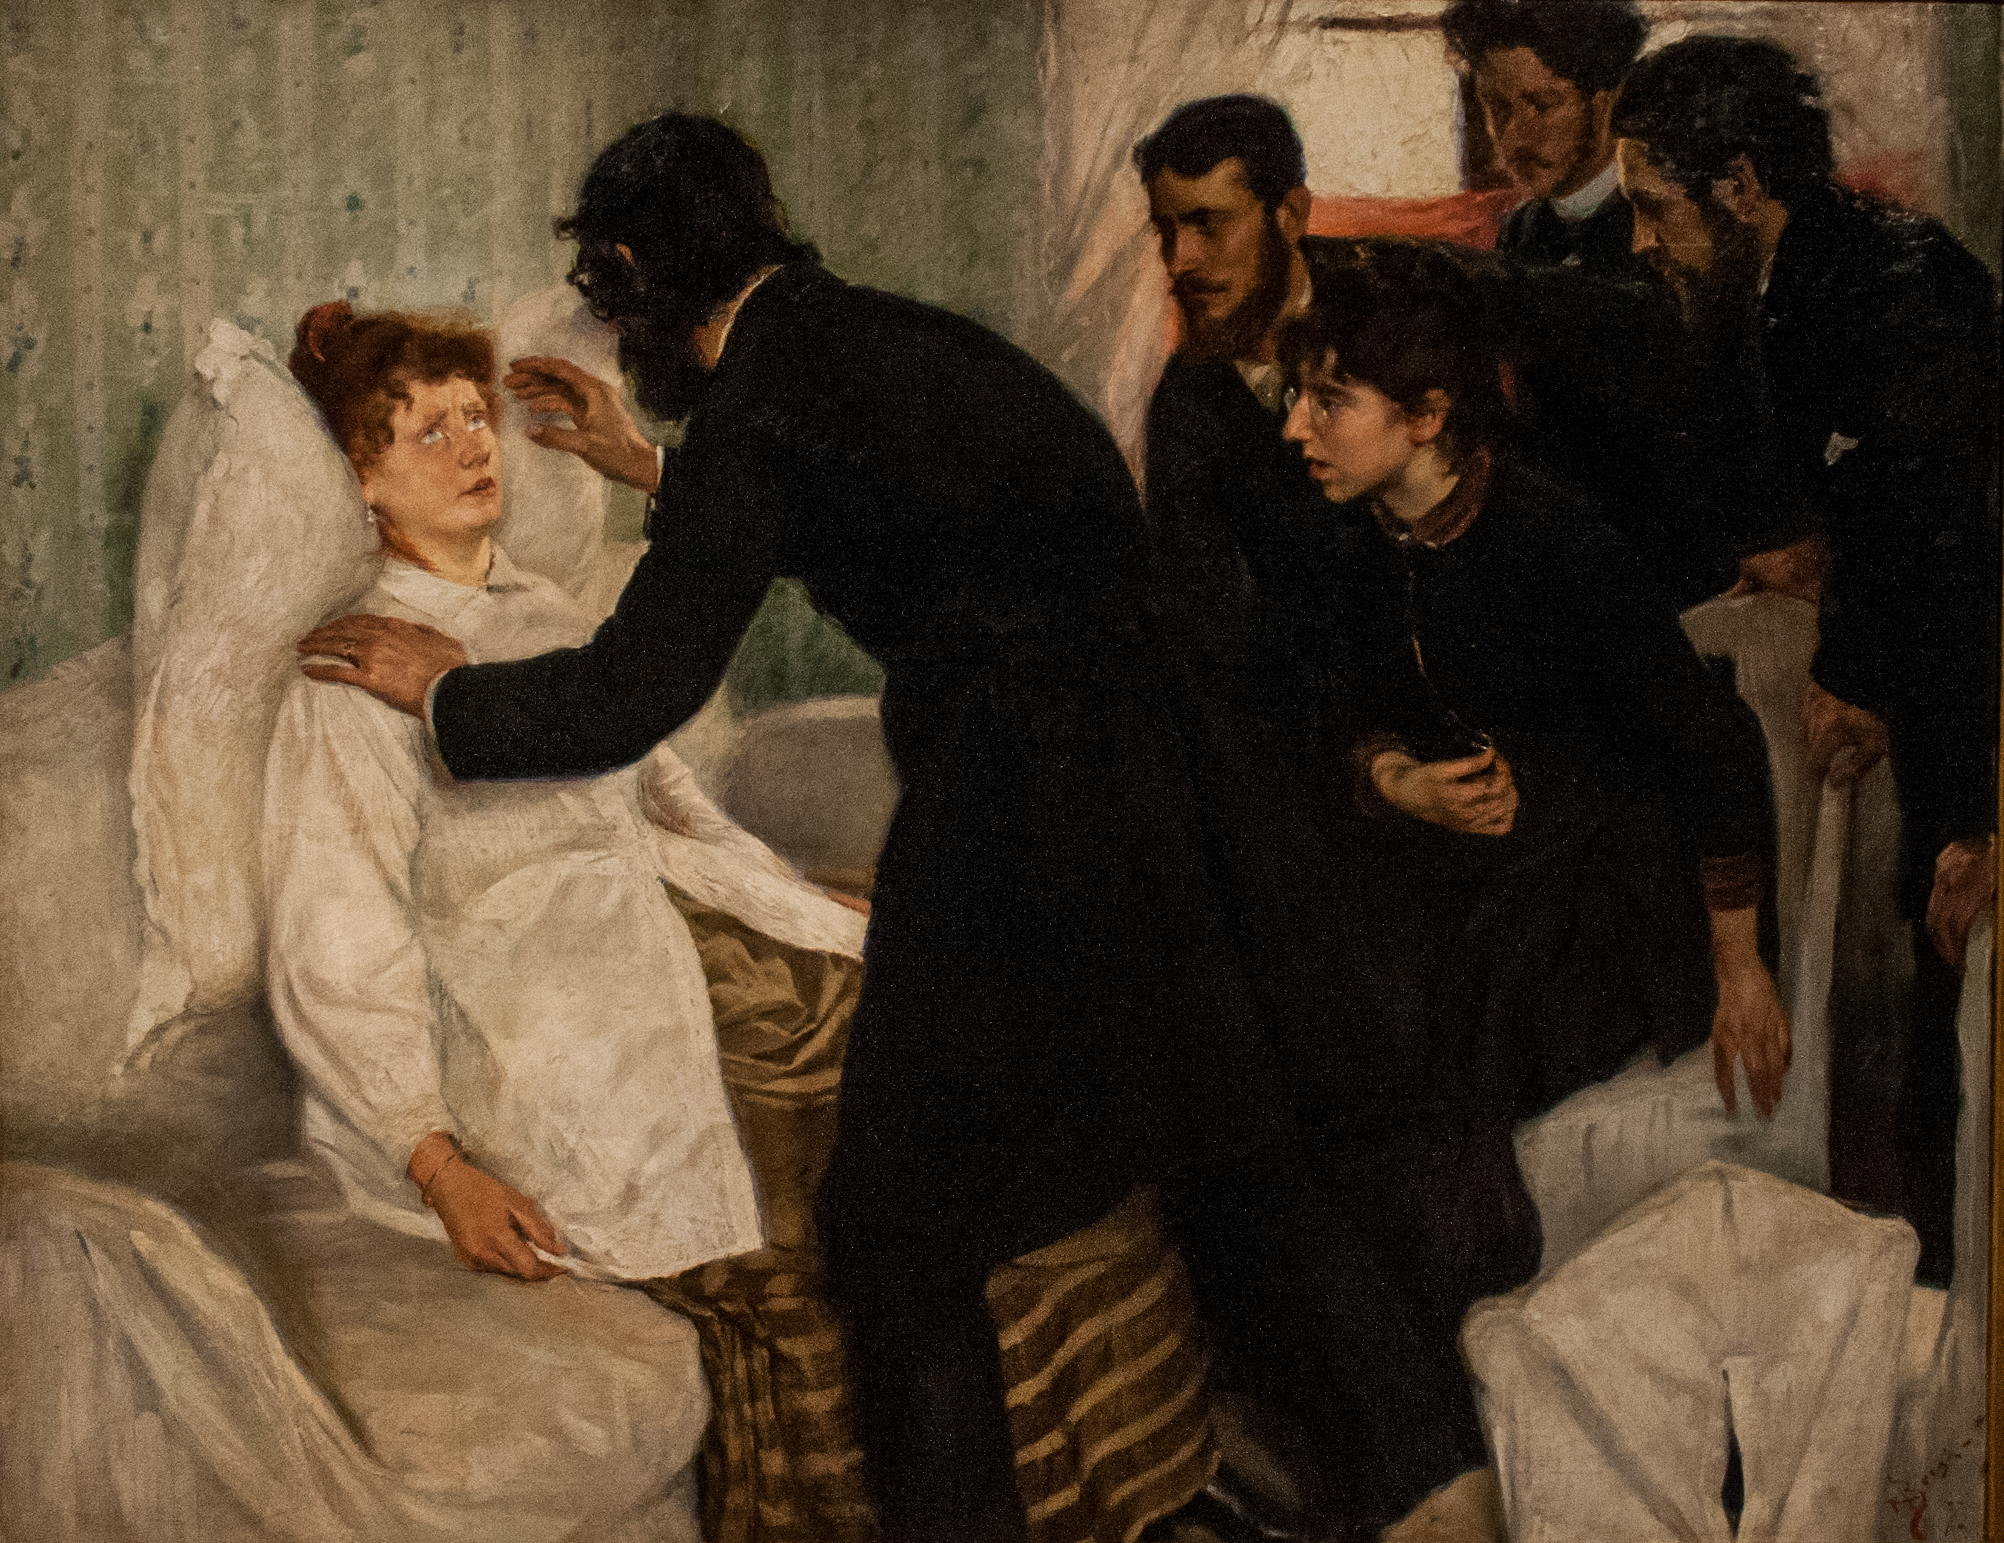 Hypnotisk_seans_av_Richard_Bergh_1887.jpg